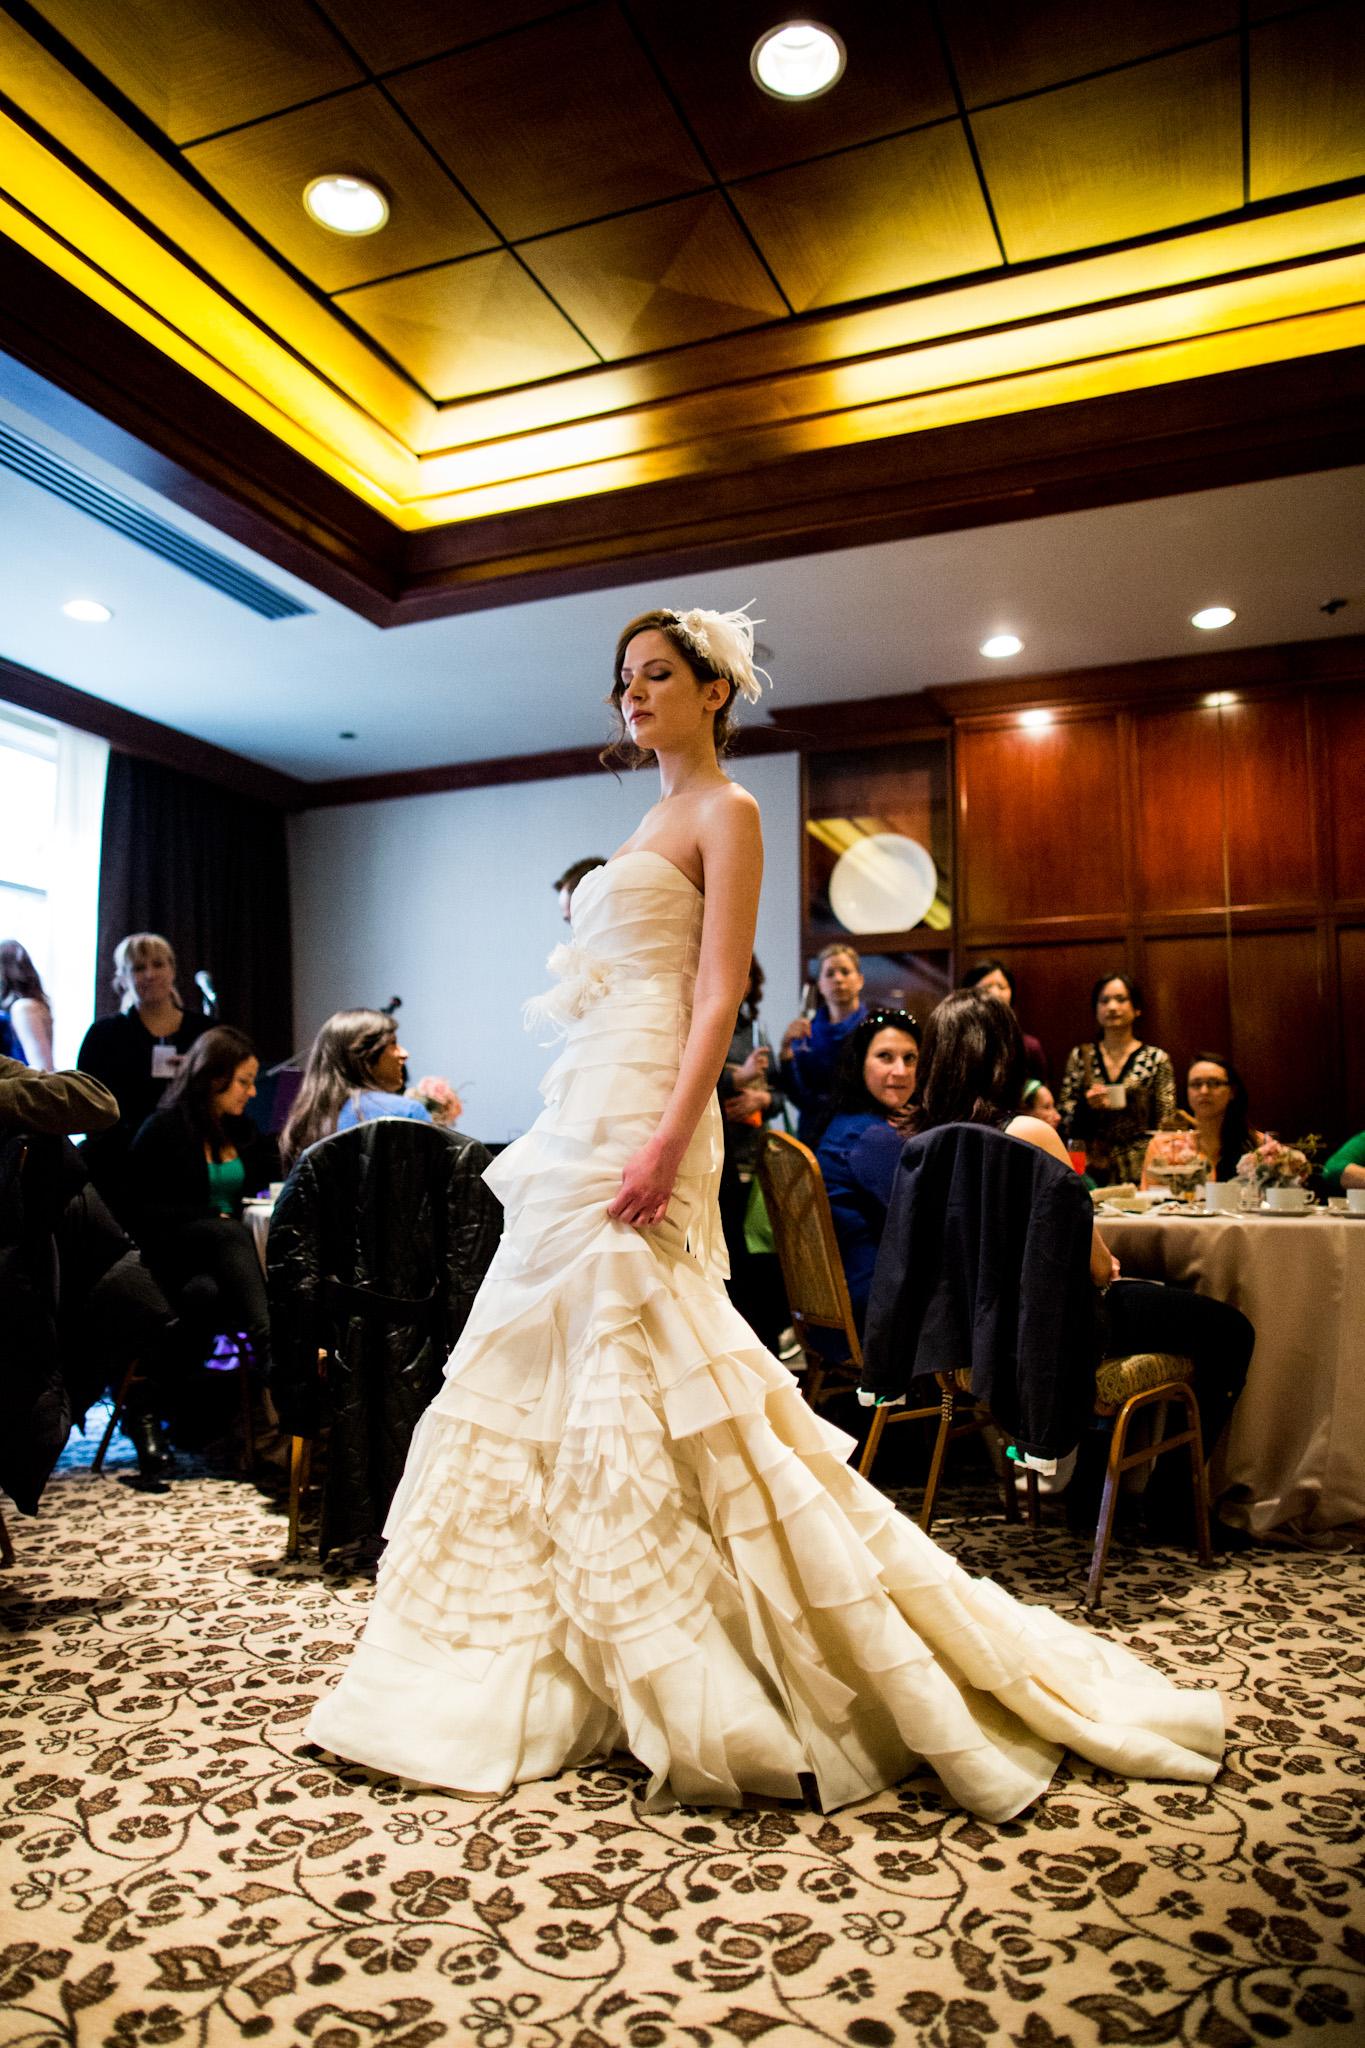 original-wedding-soiree-toronto-weddings-show-shows-event-events (6).jpg